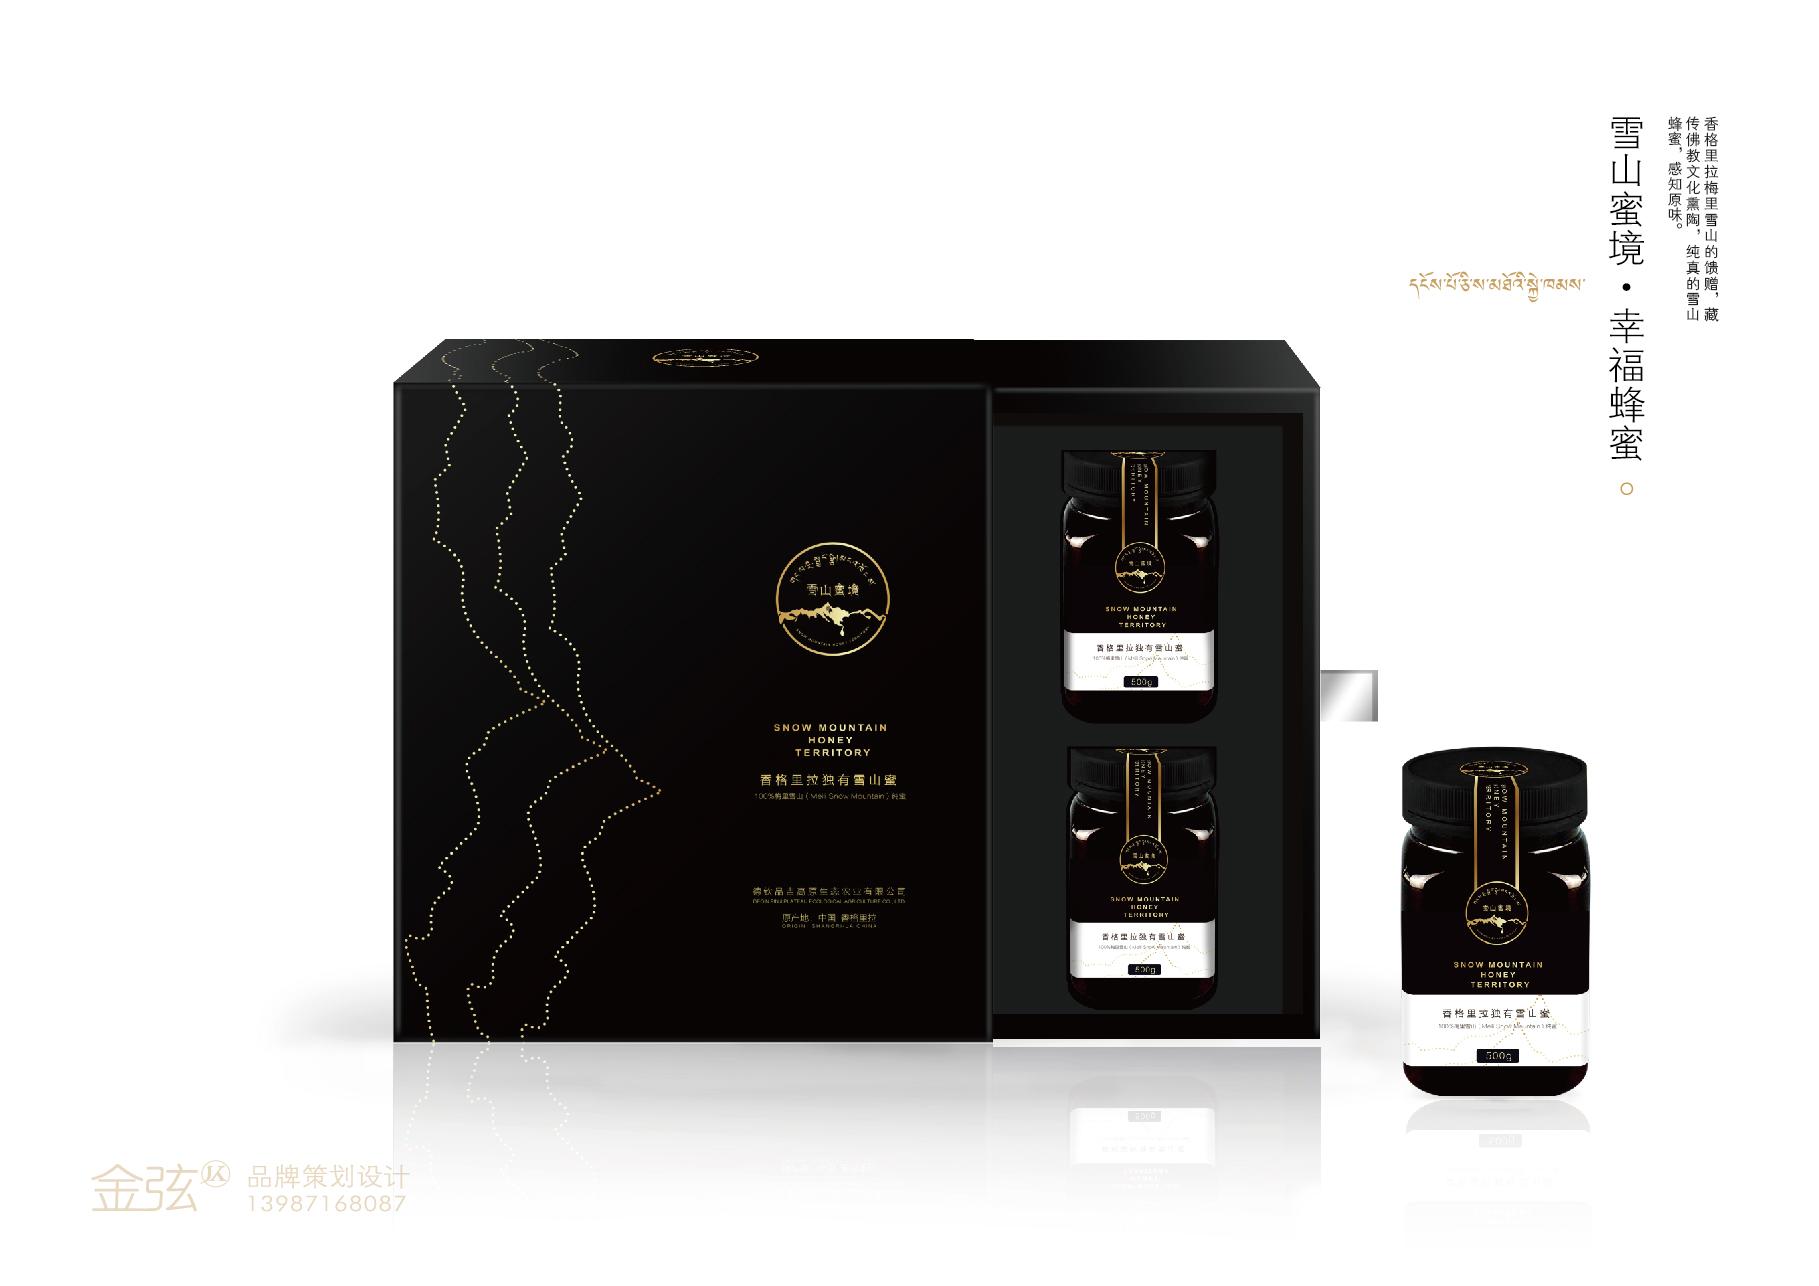 品吉 雪山蜜境幸福蜂蜜包装展示 包装设计 客户资料  第2张